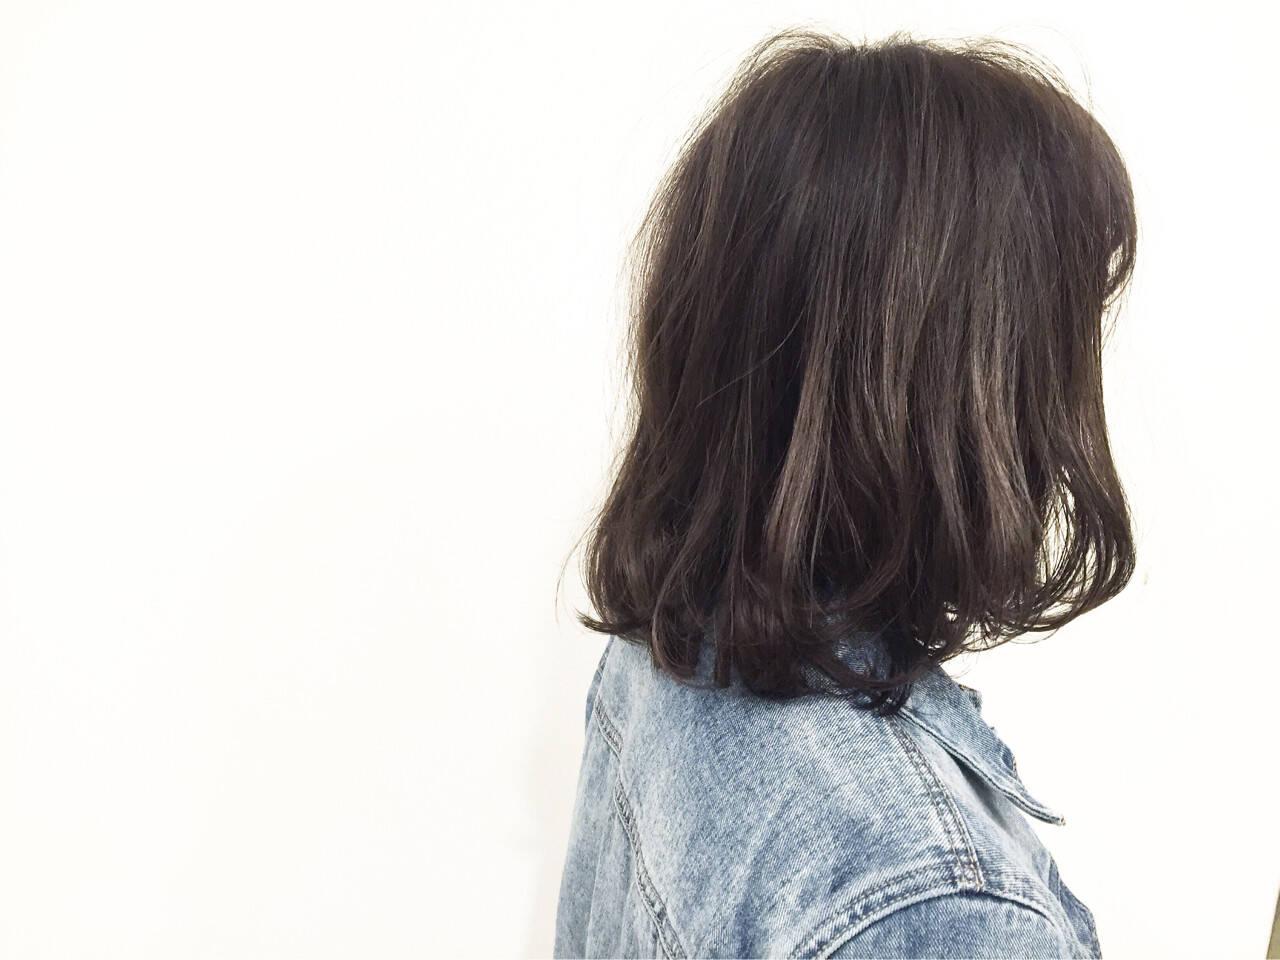 ボブ ストレート ストリート マルサラヘアスタイルや髪型の写真・画像